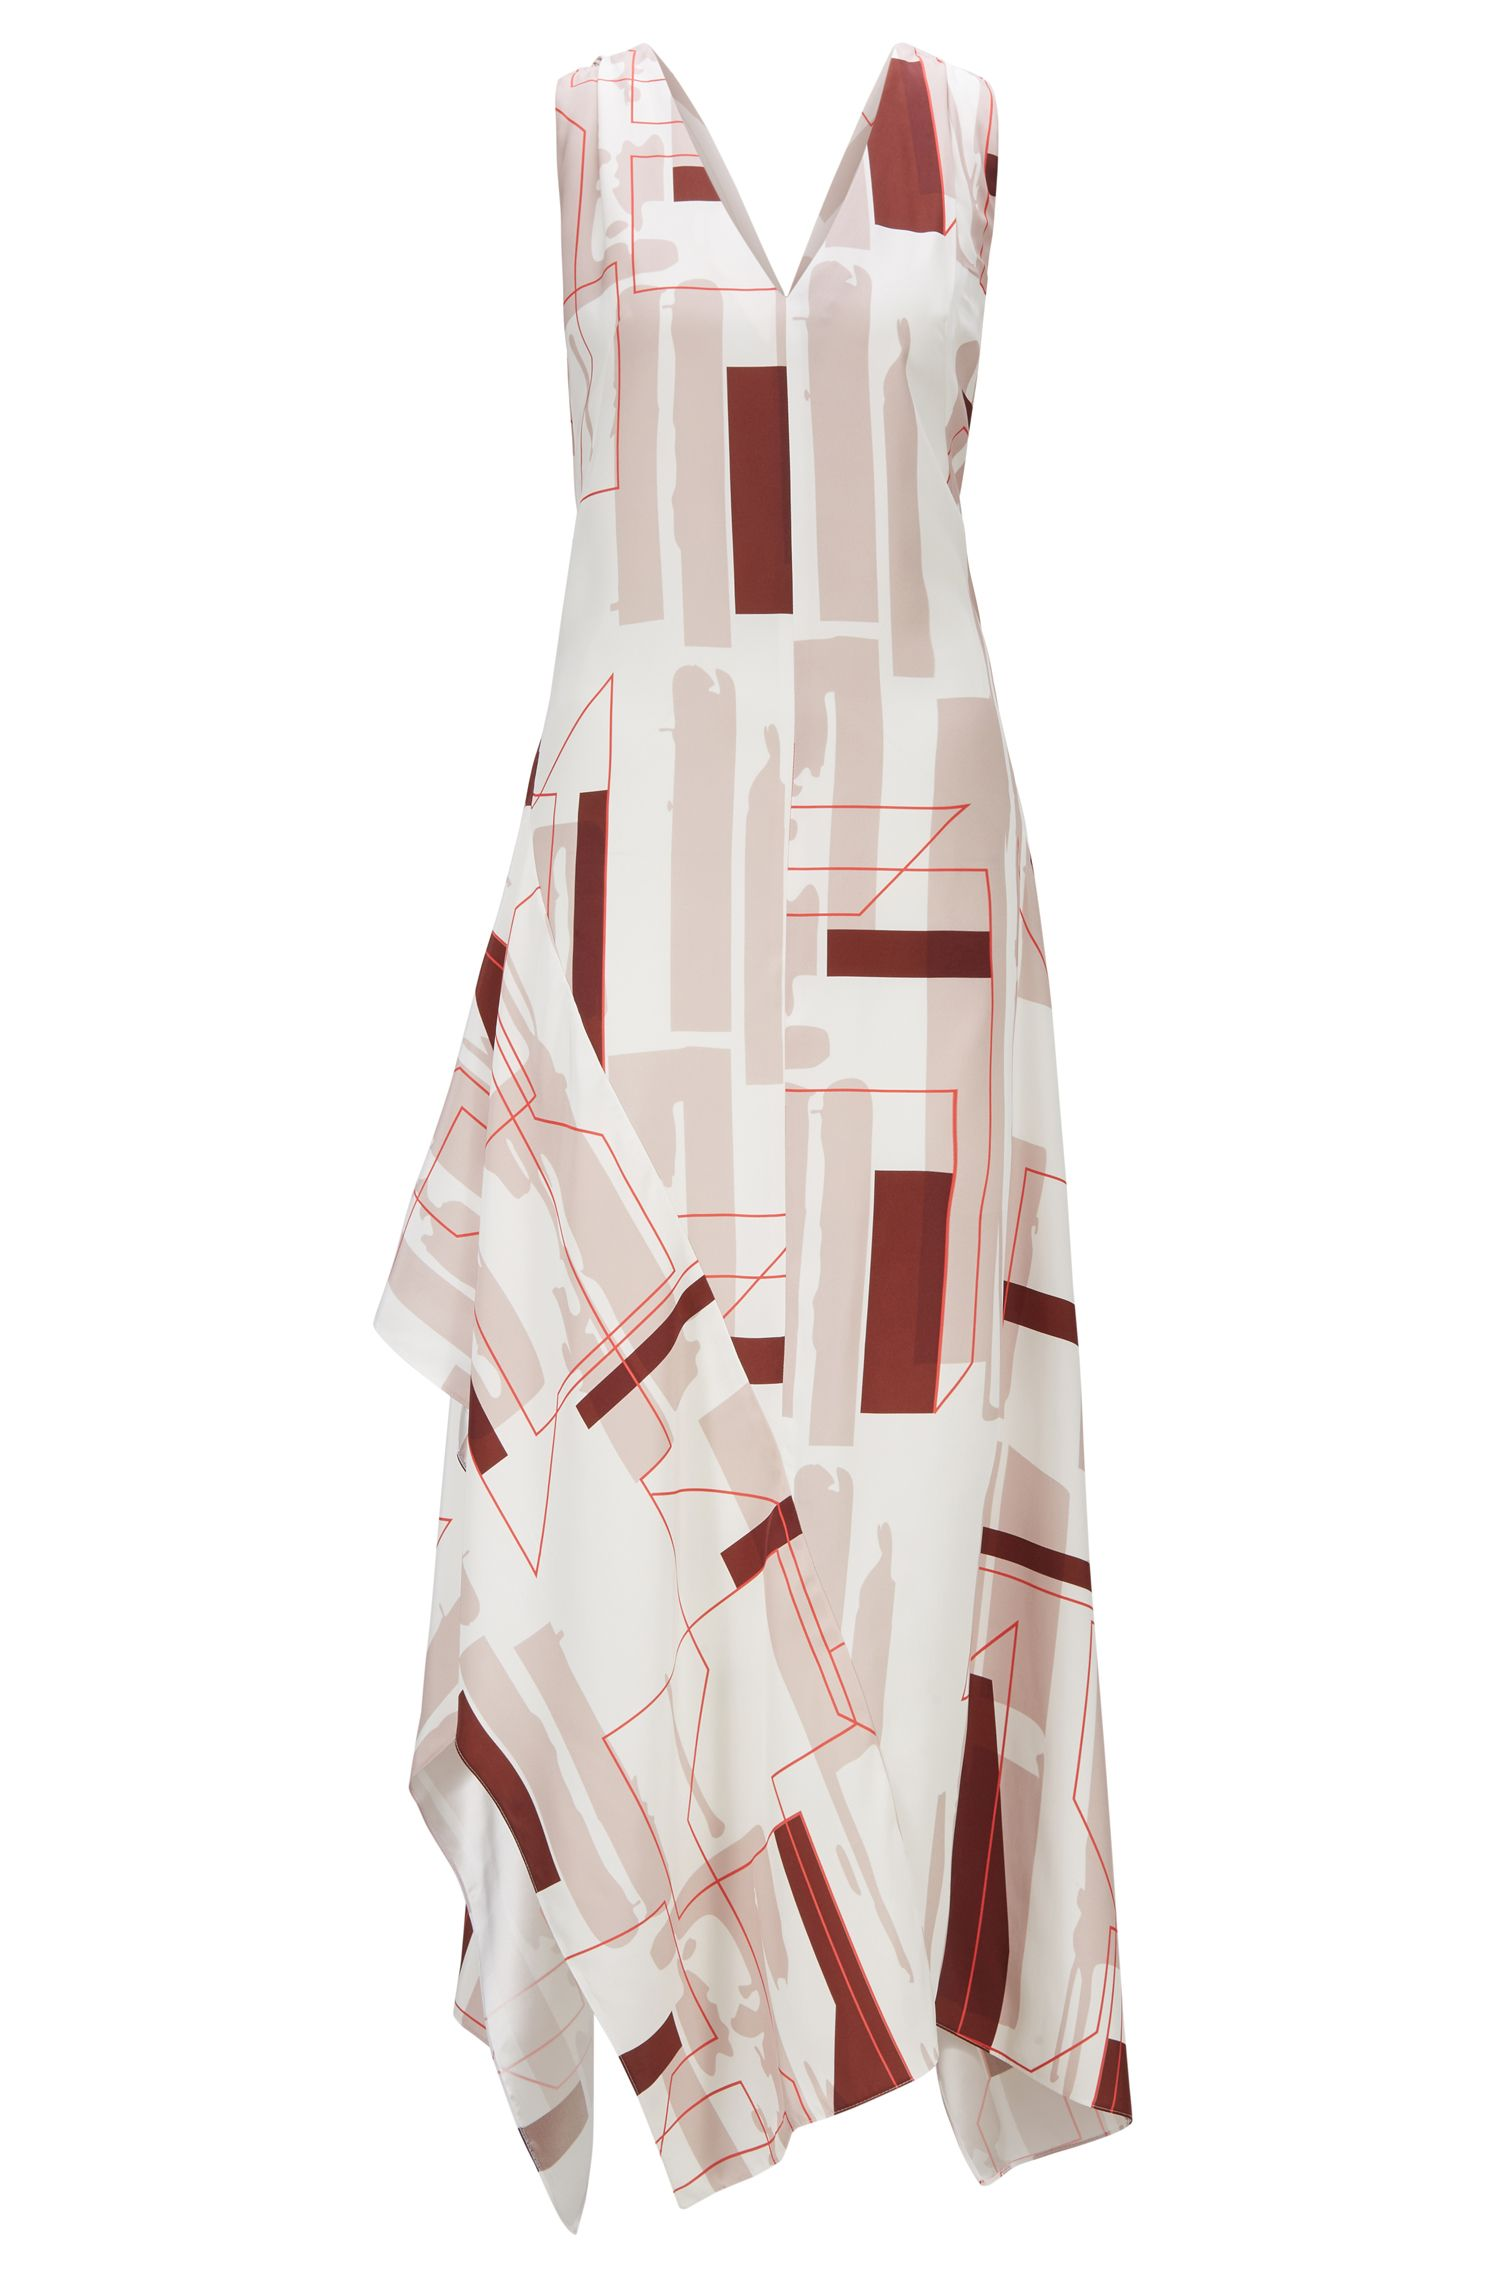 Vestido Fashion Show con escote en pico y estampado geométrico, Fantasía